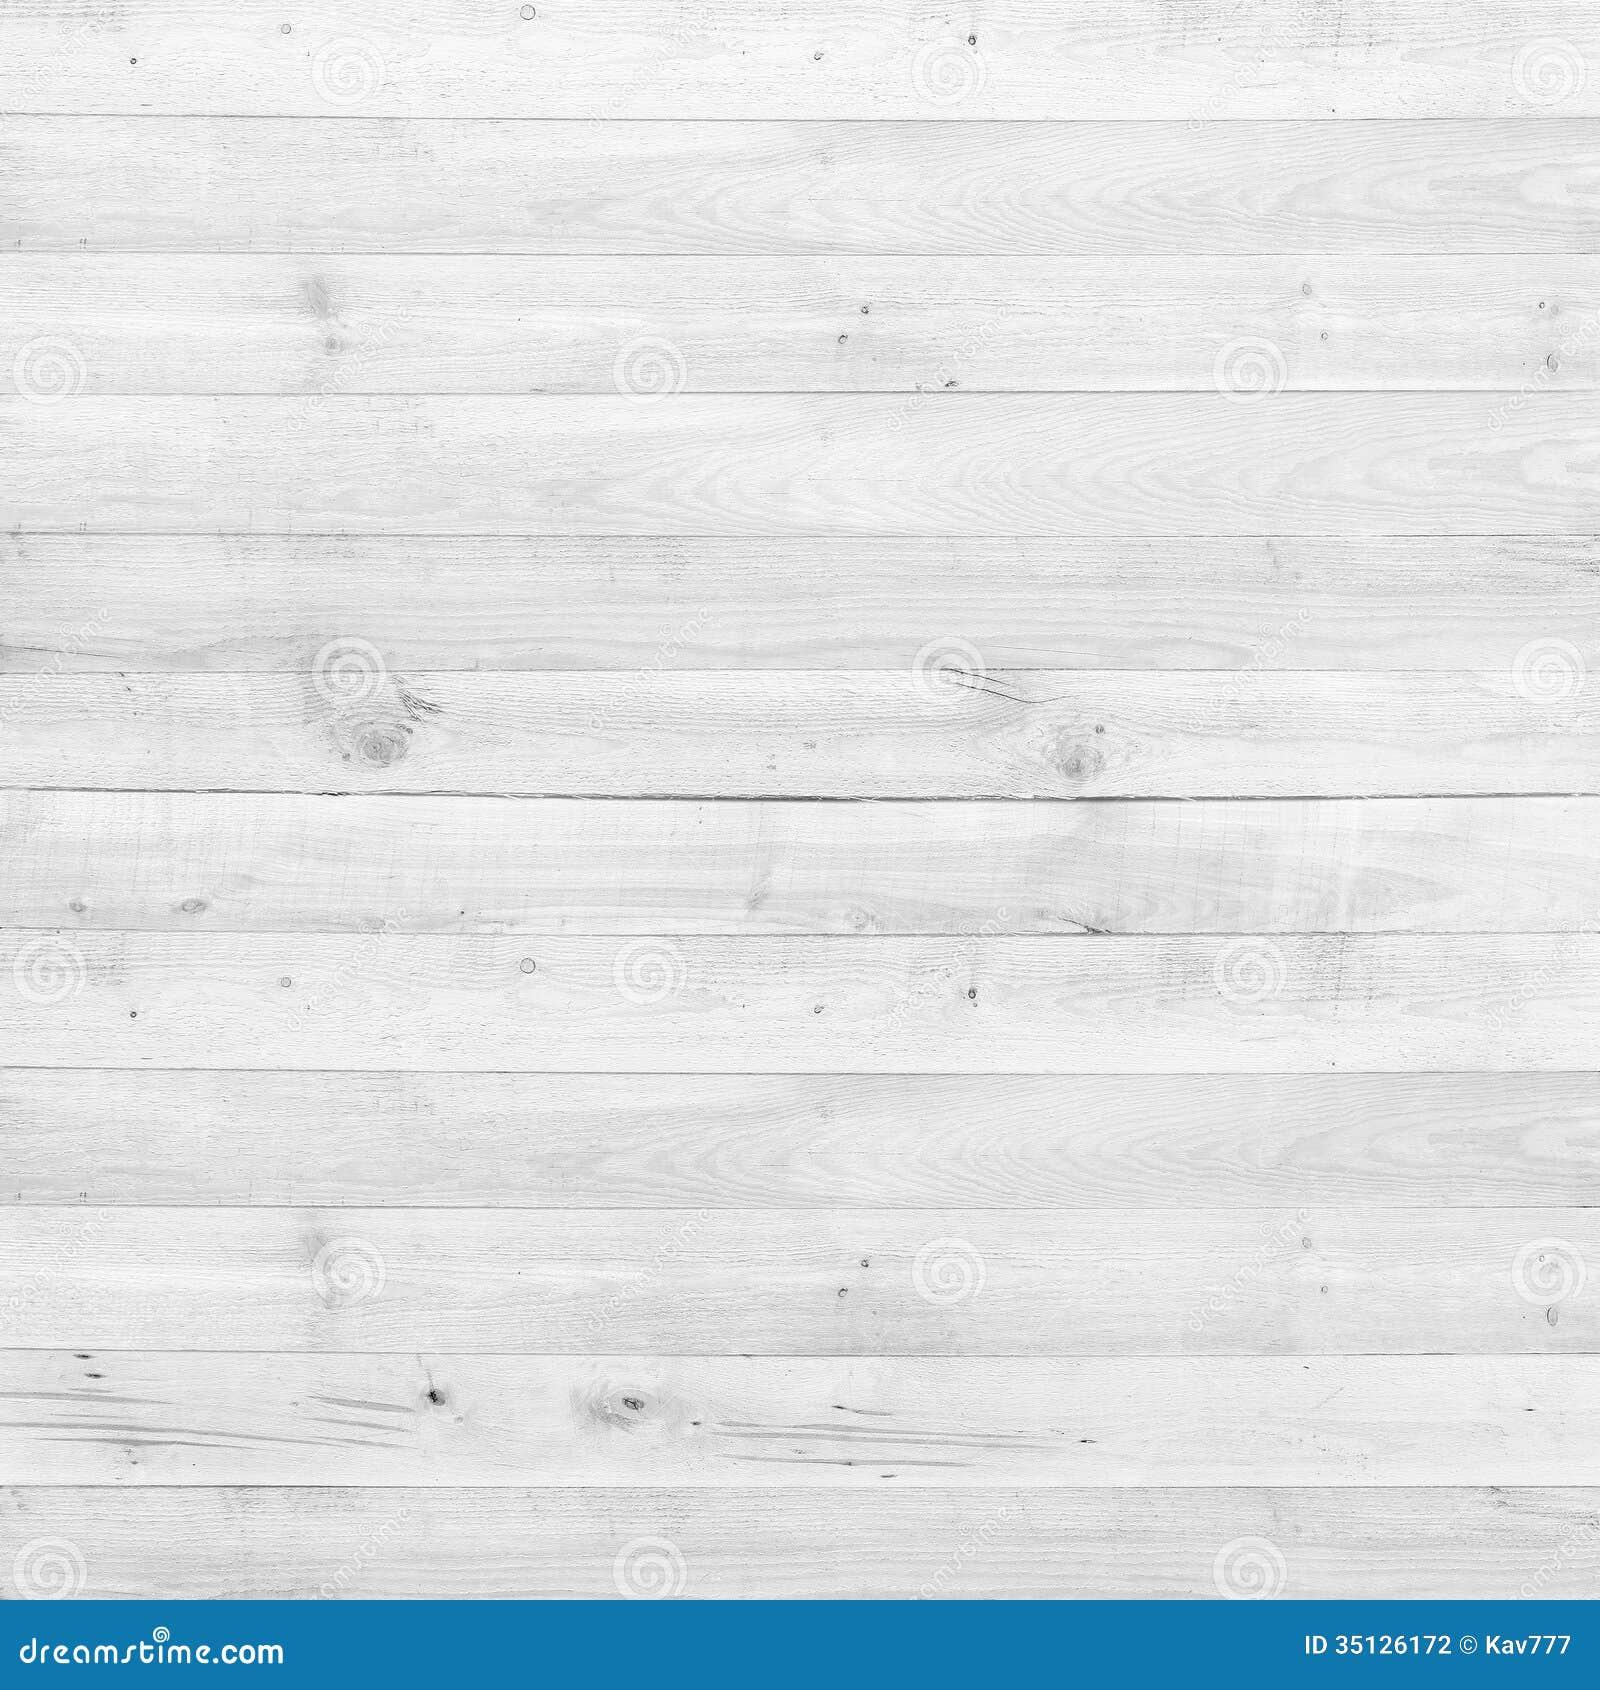 Weiße Beschaffenheit der hölzernen Kiefernplanke für Hintergrund